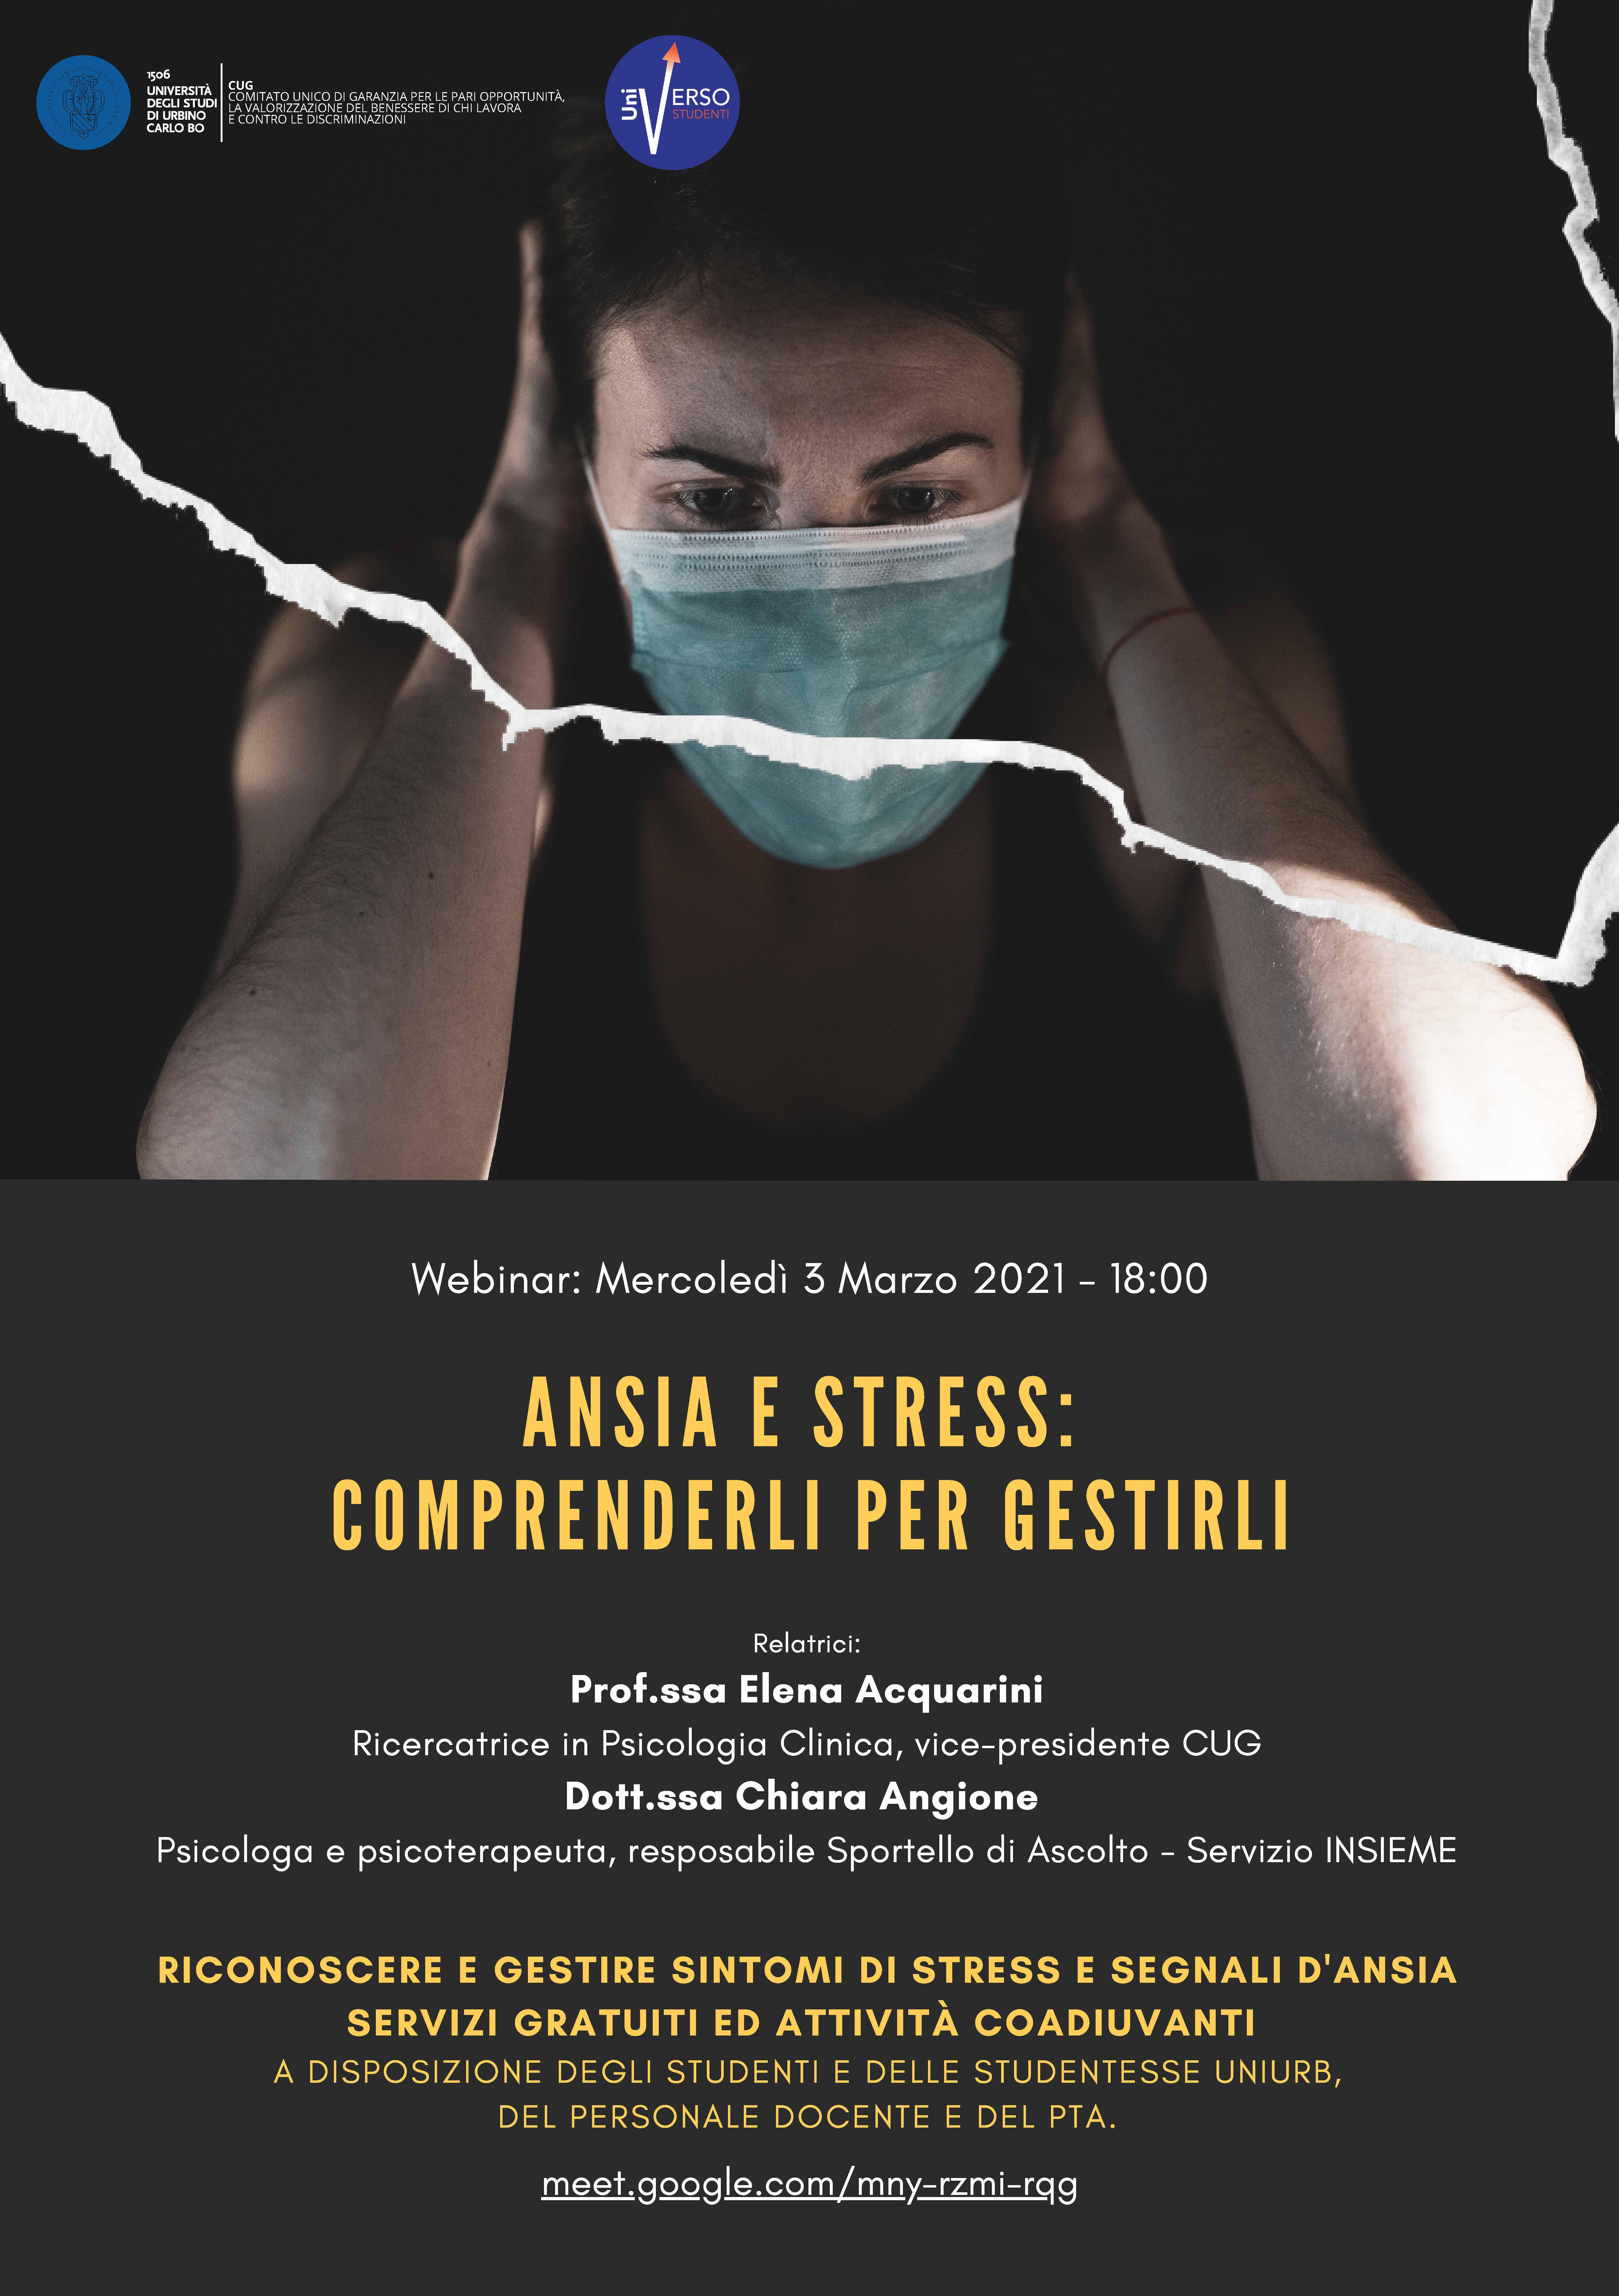 """Ansia e stress: comprenderli per gestirli"""" - mercoledì 3 marzo ore 18.00"""